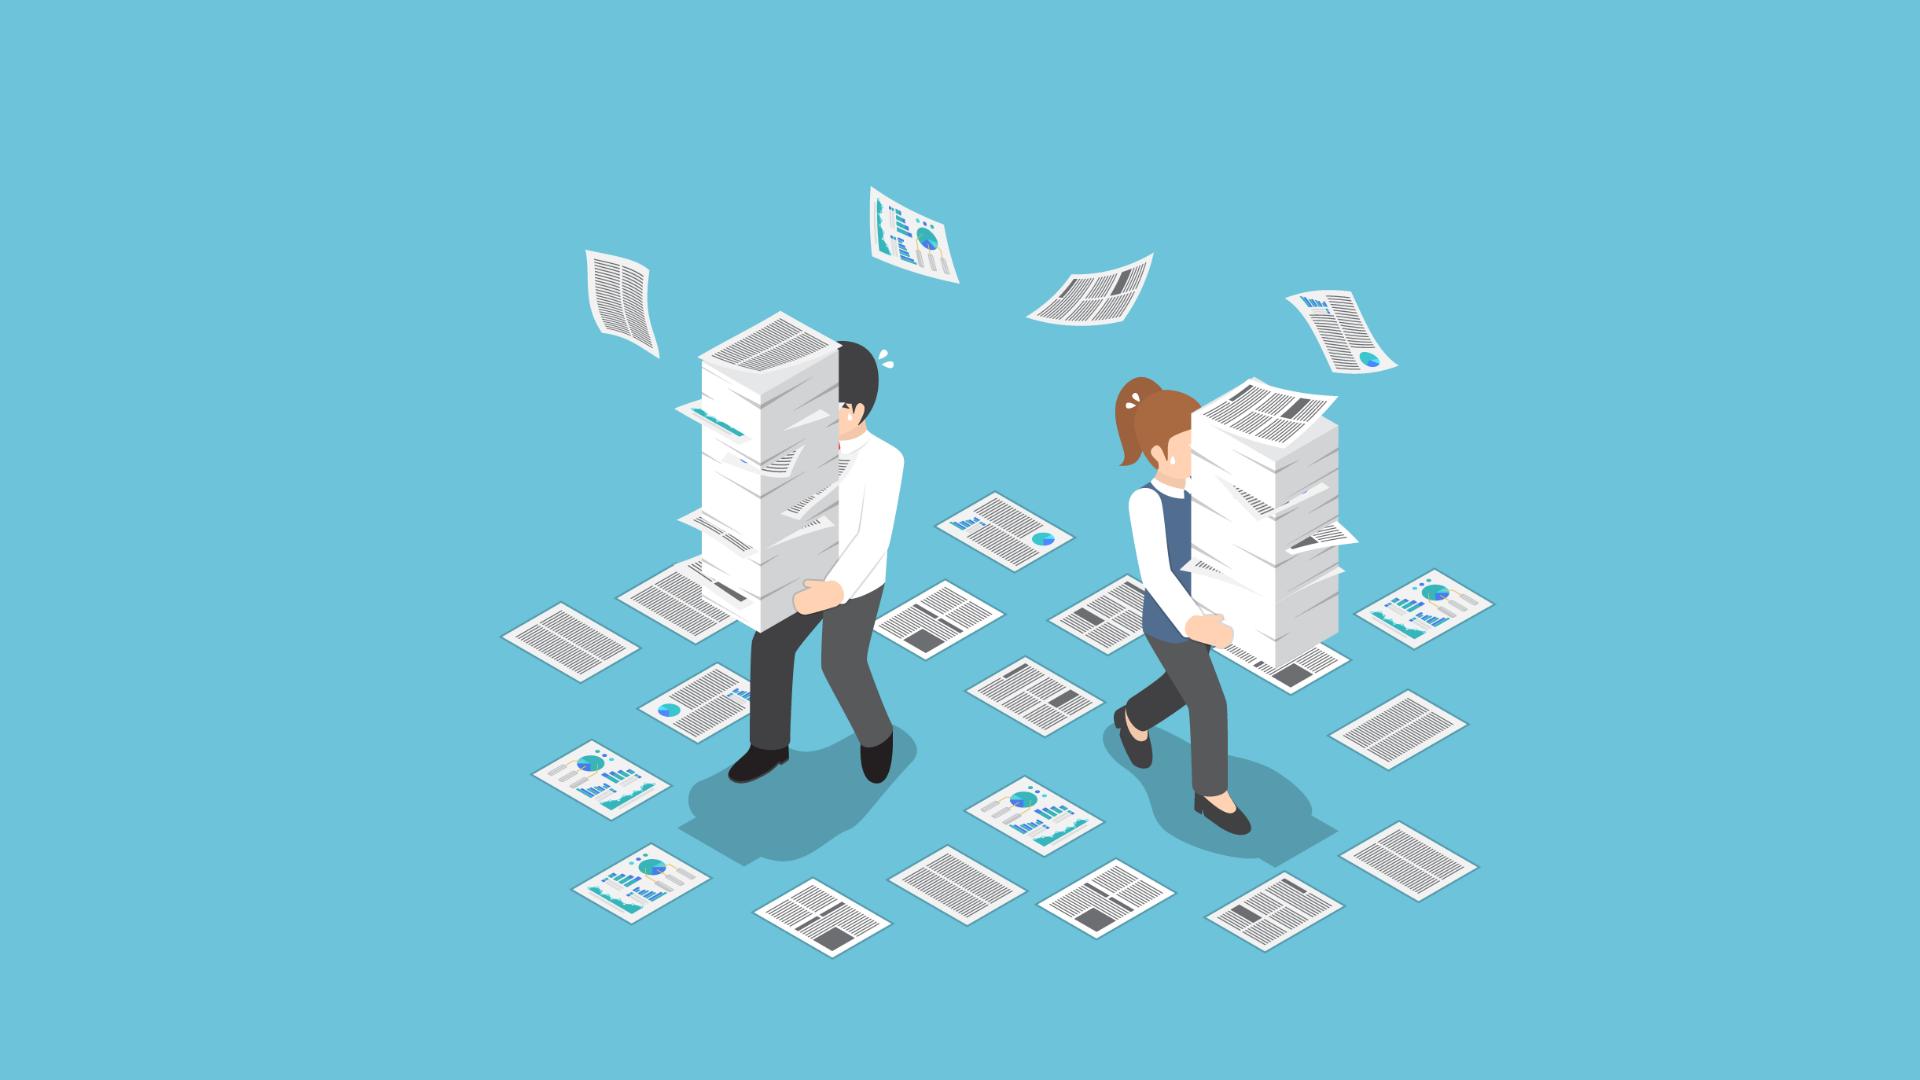 Solo el 25% de los asesores envían informes a sus clientes de manera regular